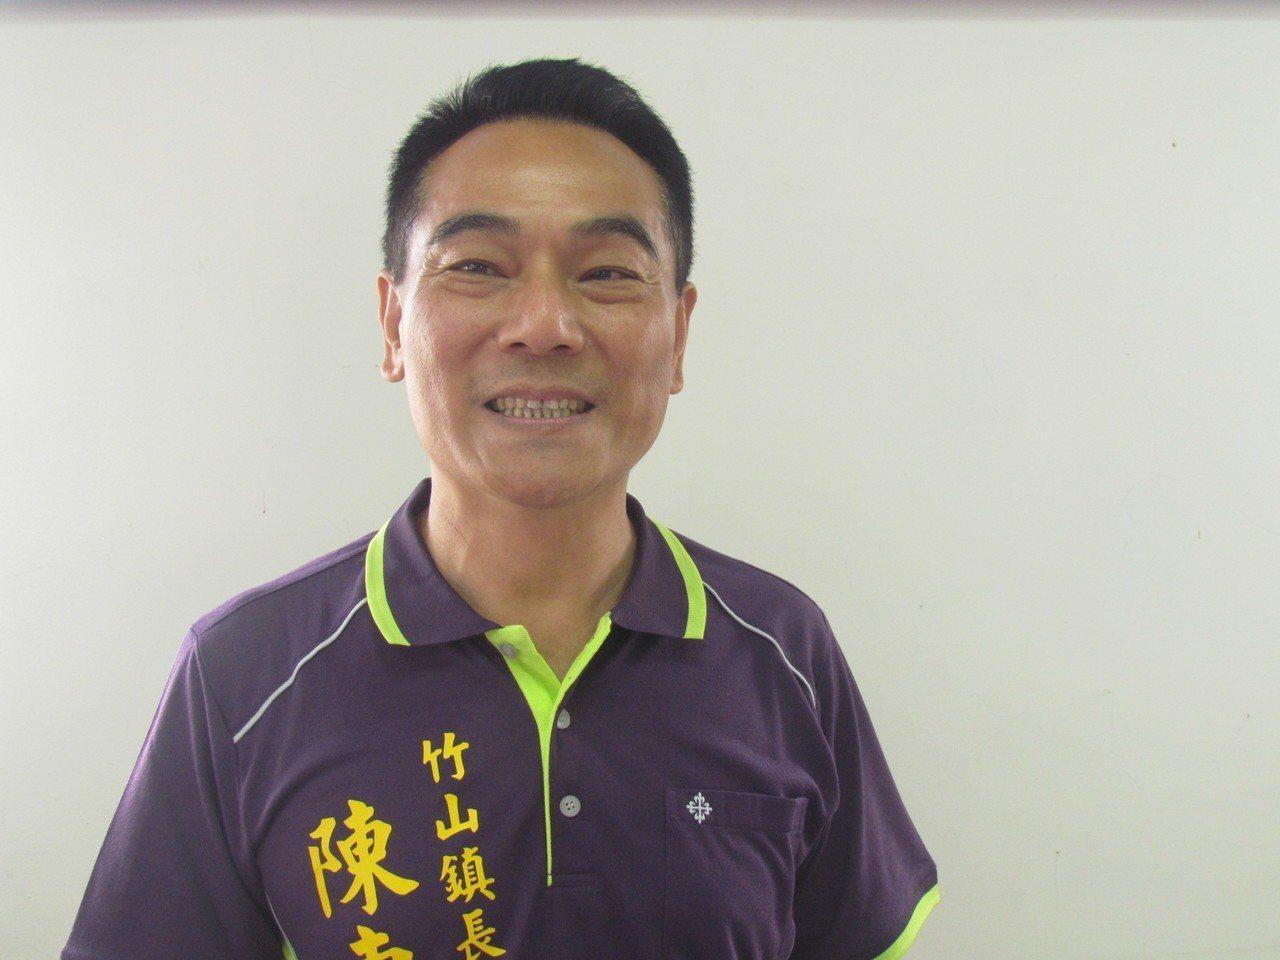 竹山鎮公所清潔隊長陳東睦今天宣布參選竹山鎮長。記者張家樂/攝影